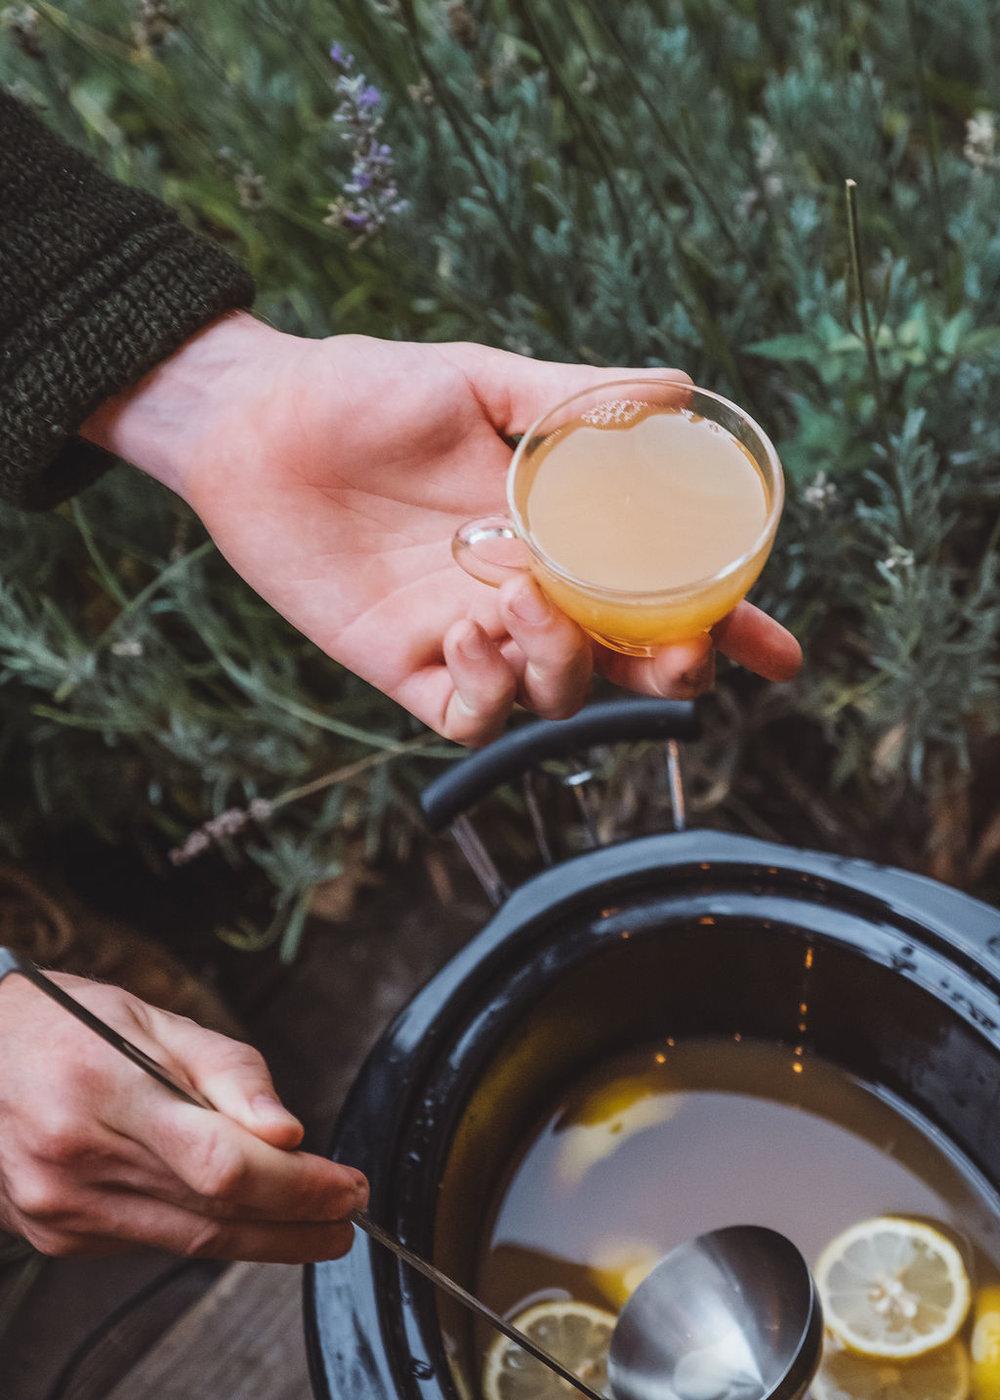 Fresh apple cider + spirit + spices (can't wait!)